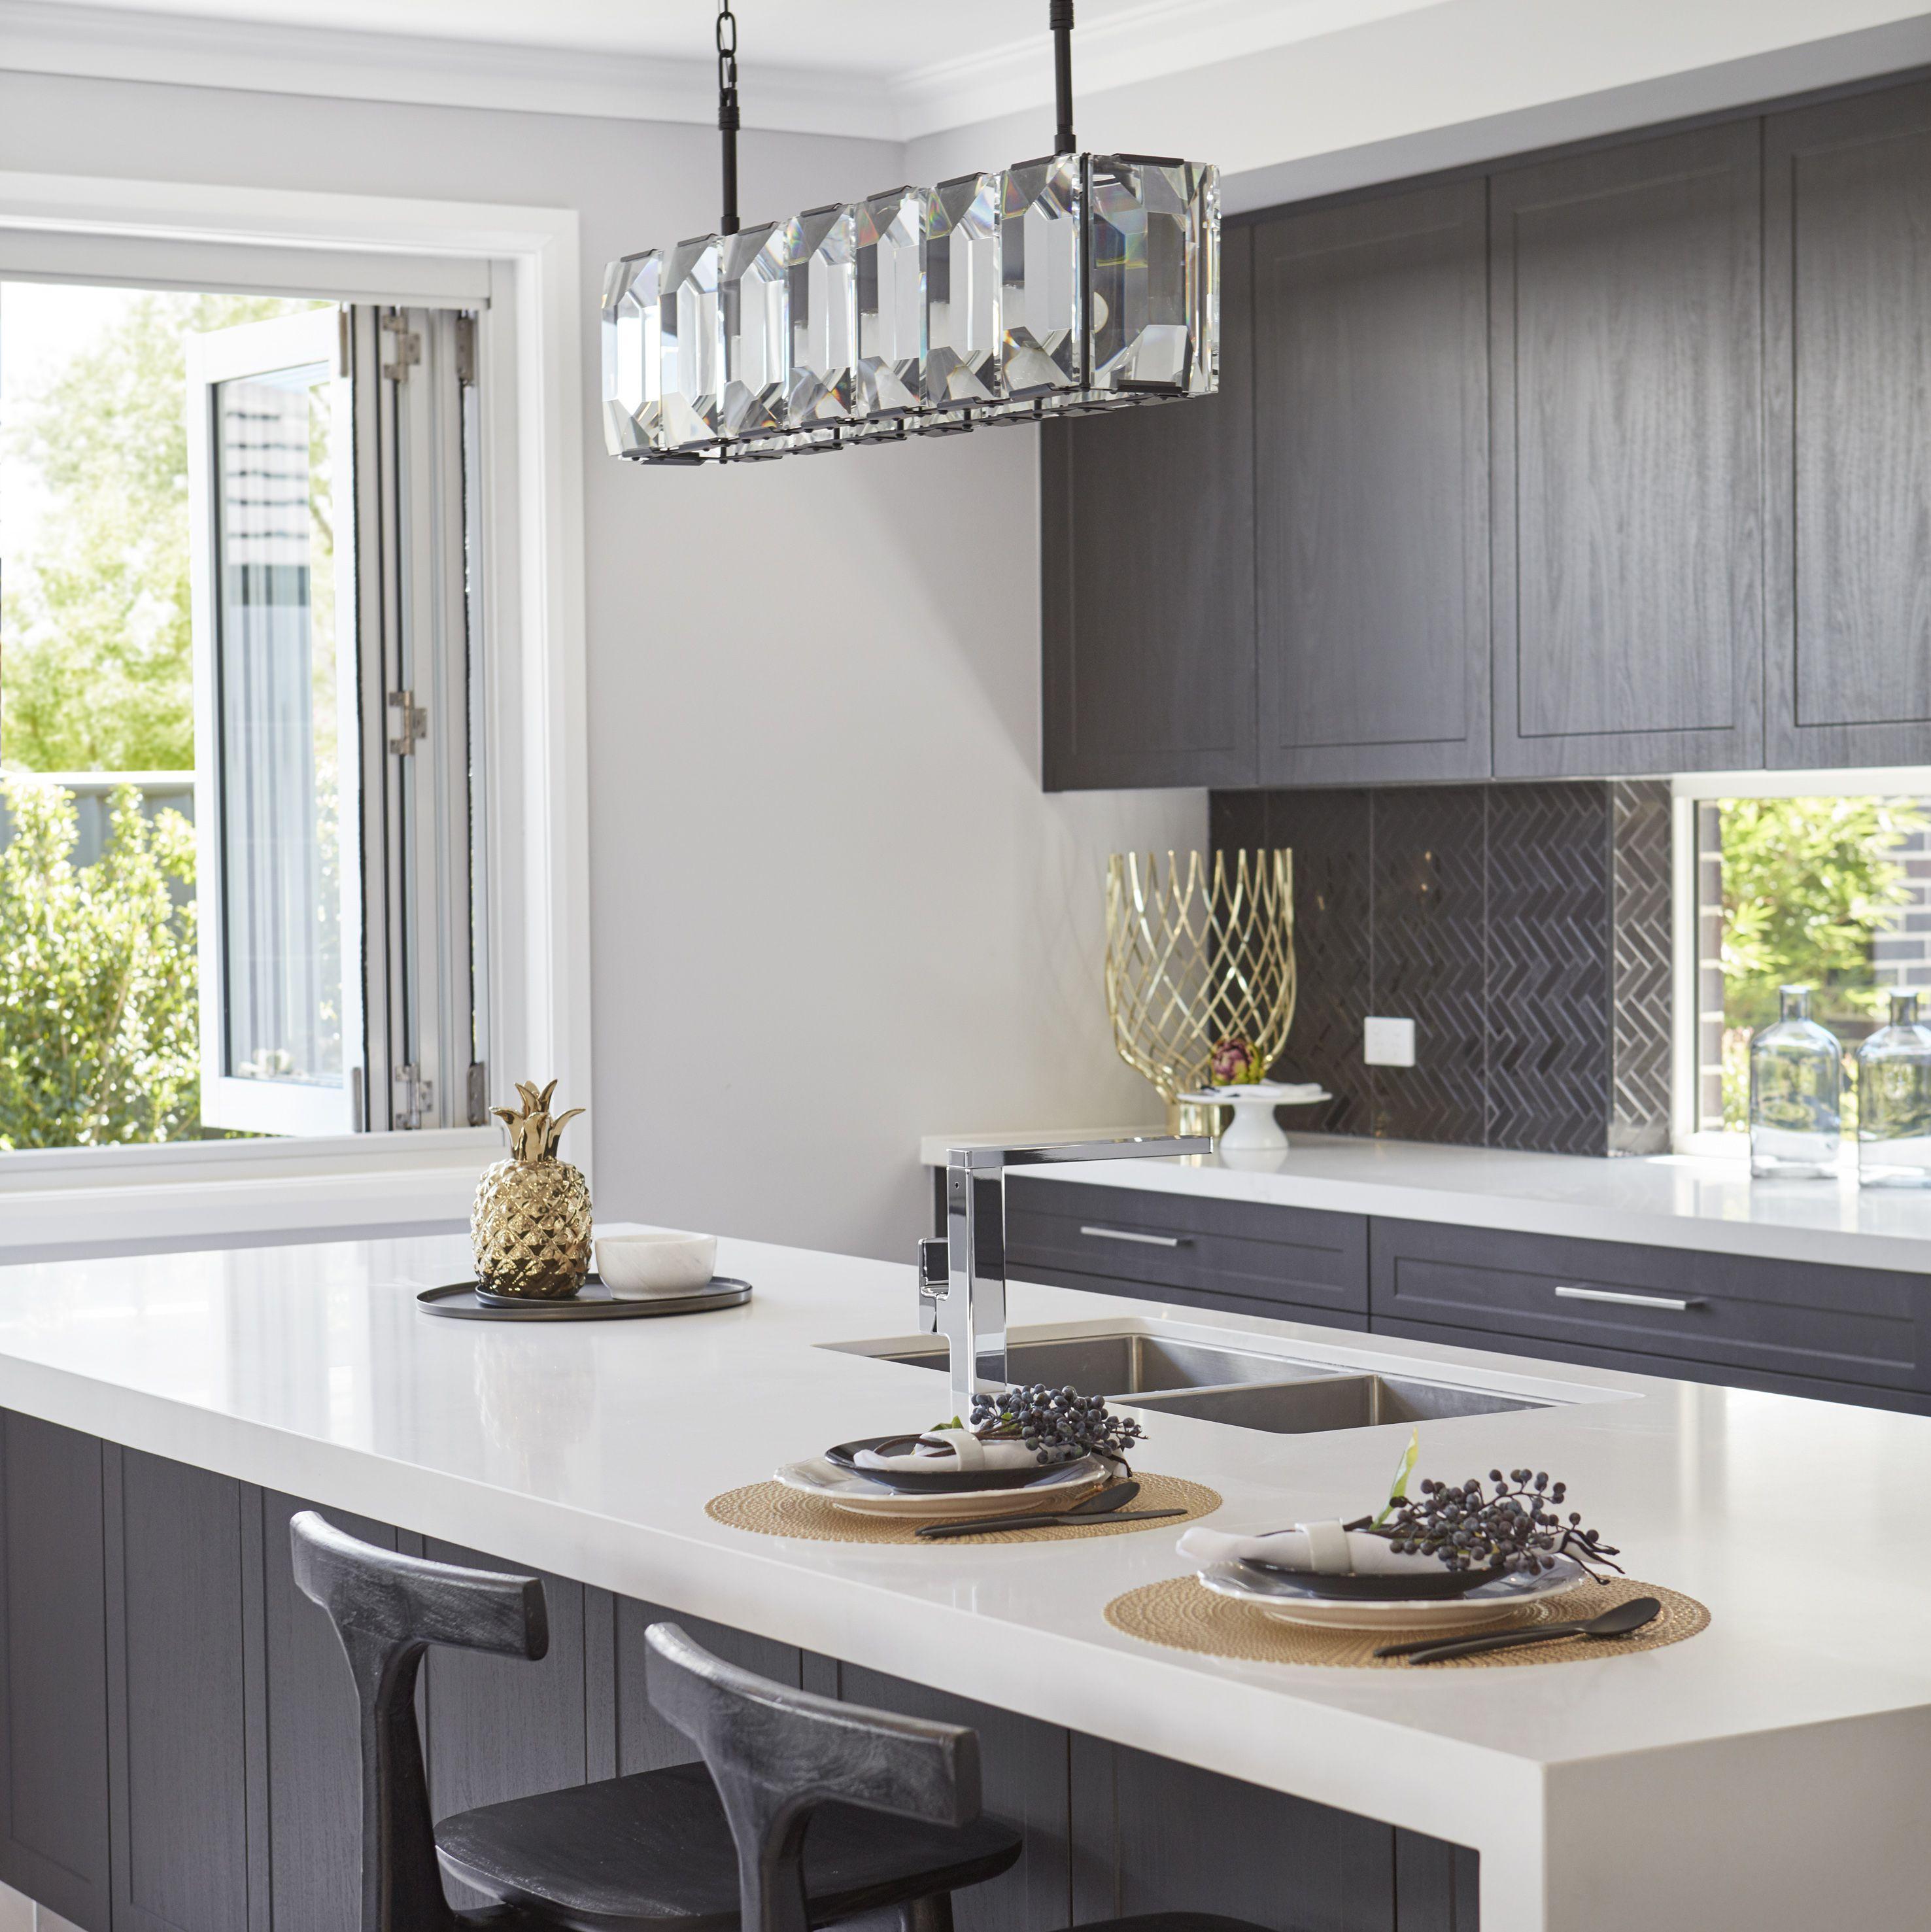 #Kitchen #Breakfastbar #Pendantlight #Kitchenstyling #Greyandwhite #Cupboards #Dreamkitchen